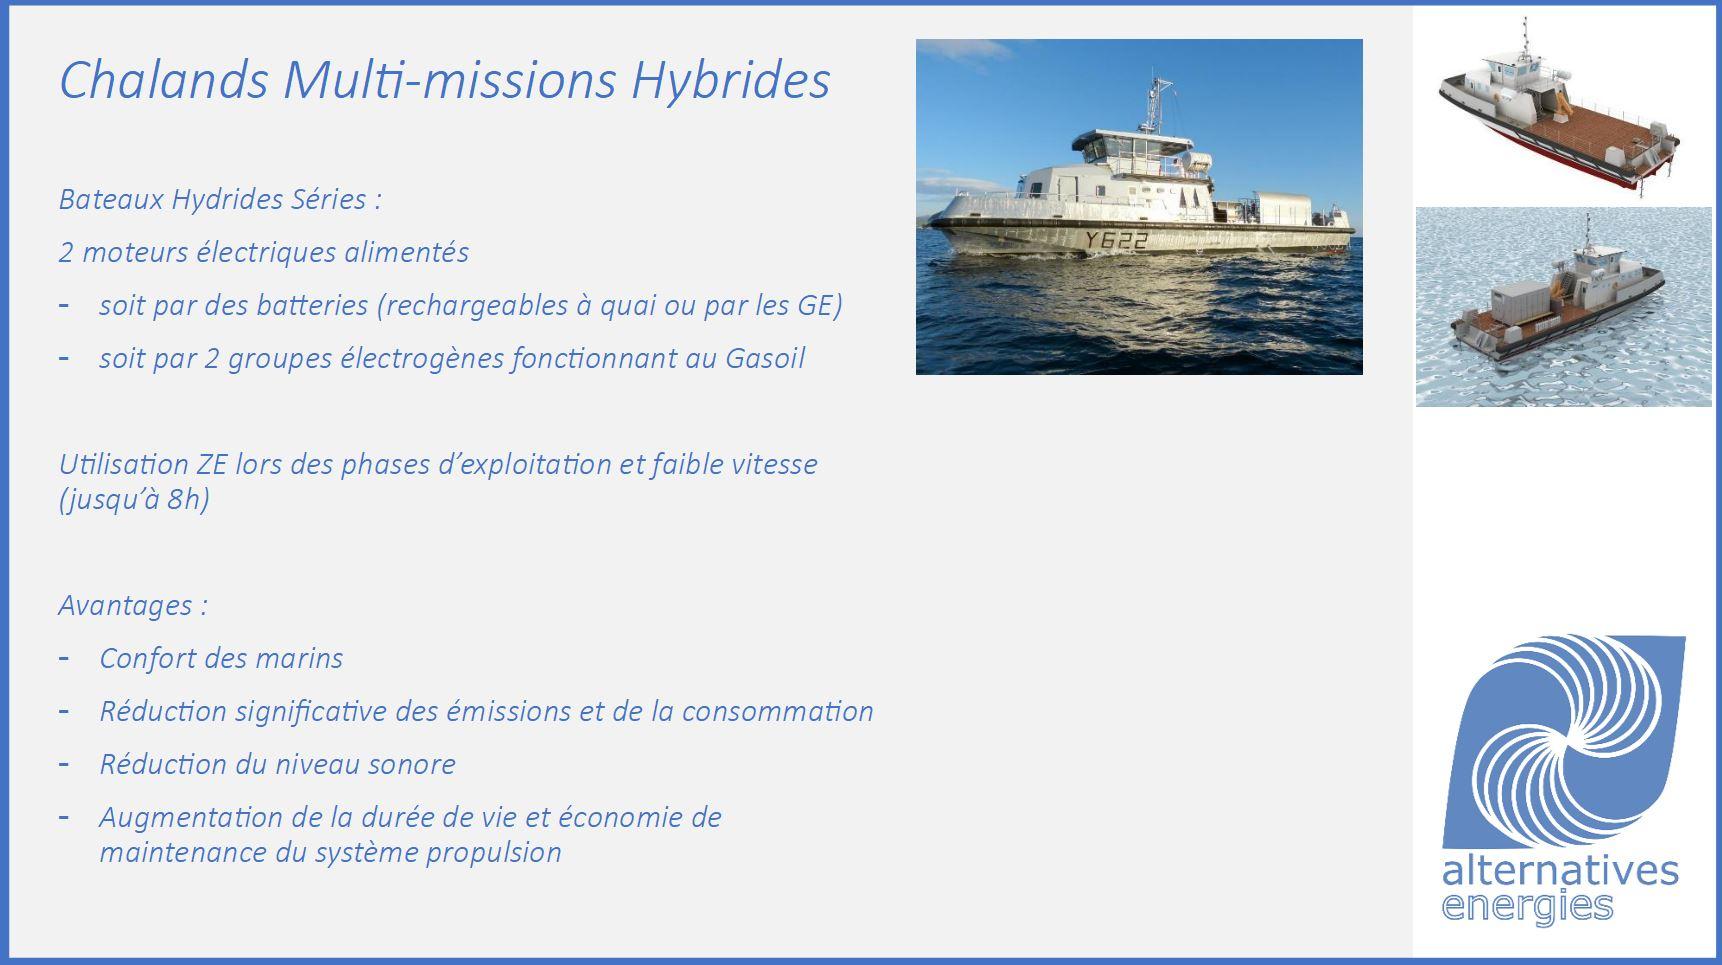 Chalands Multi-Missions Hybride, Conférence NAVEXPO